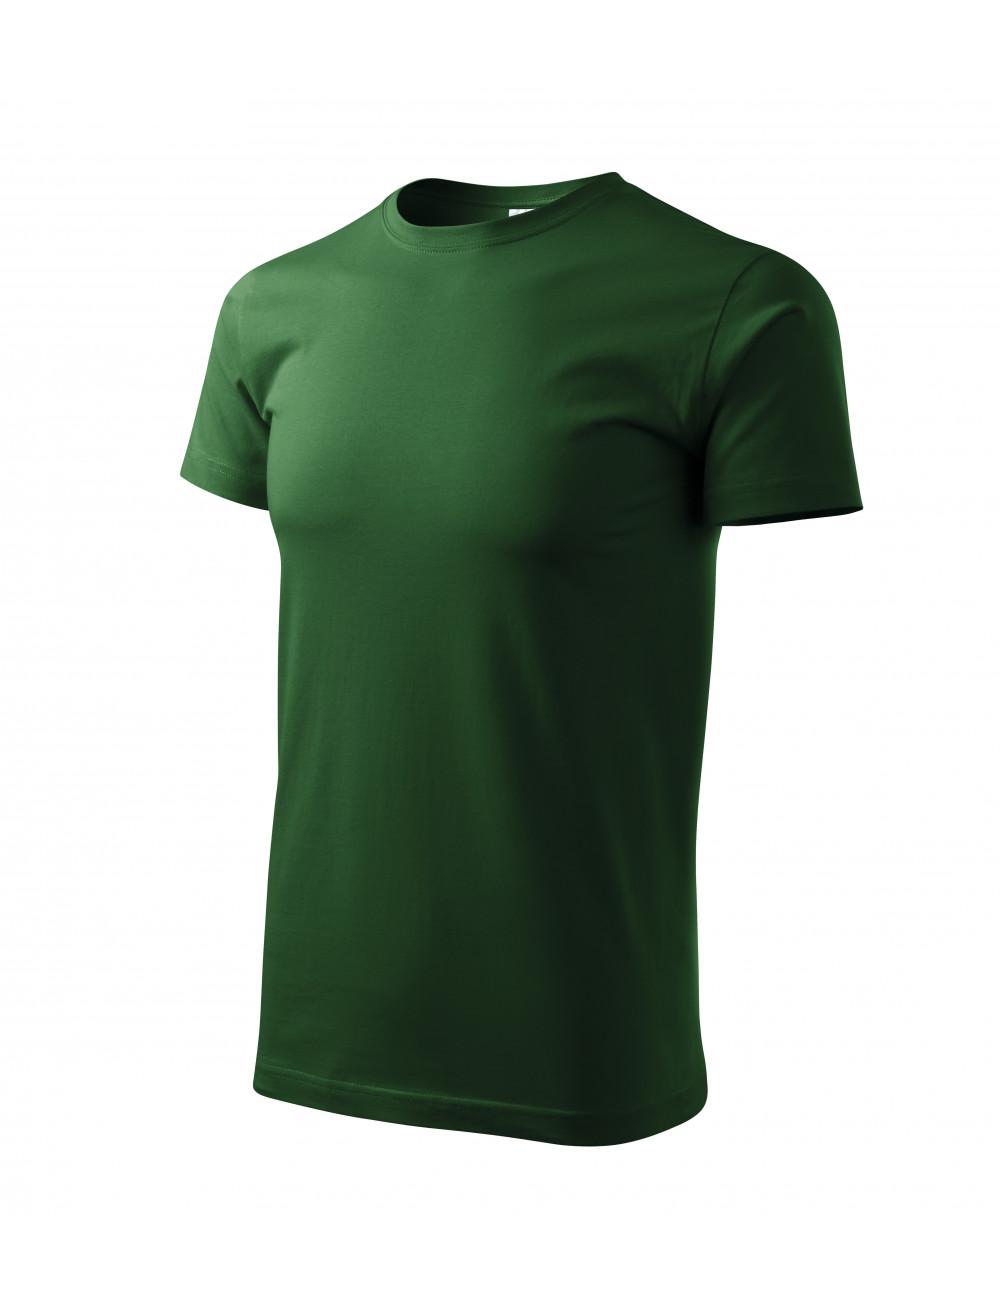 Adler MALFINI Koszulka unisex Heavy New 137 zieleń butelkowa